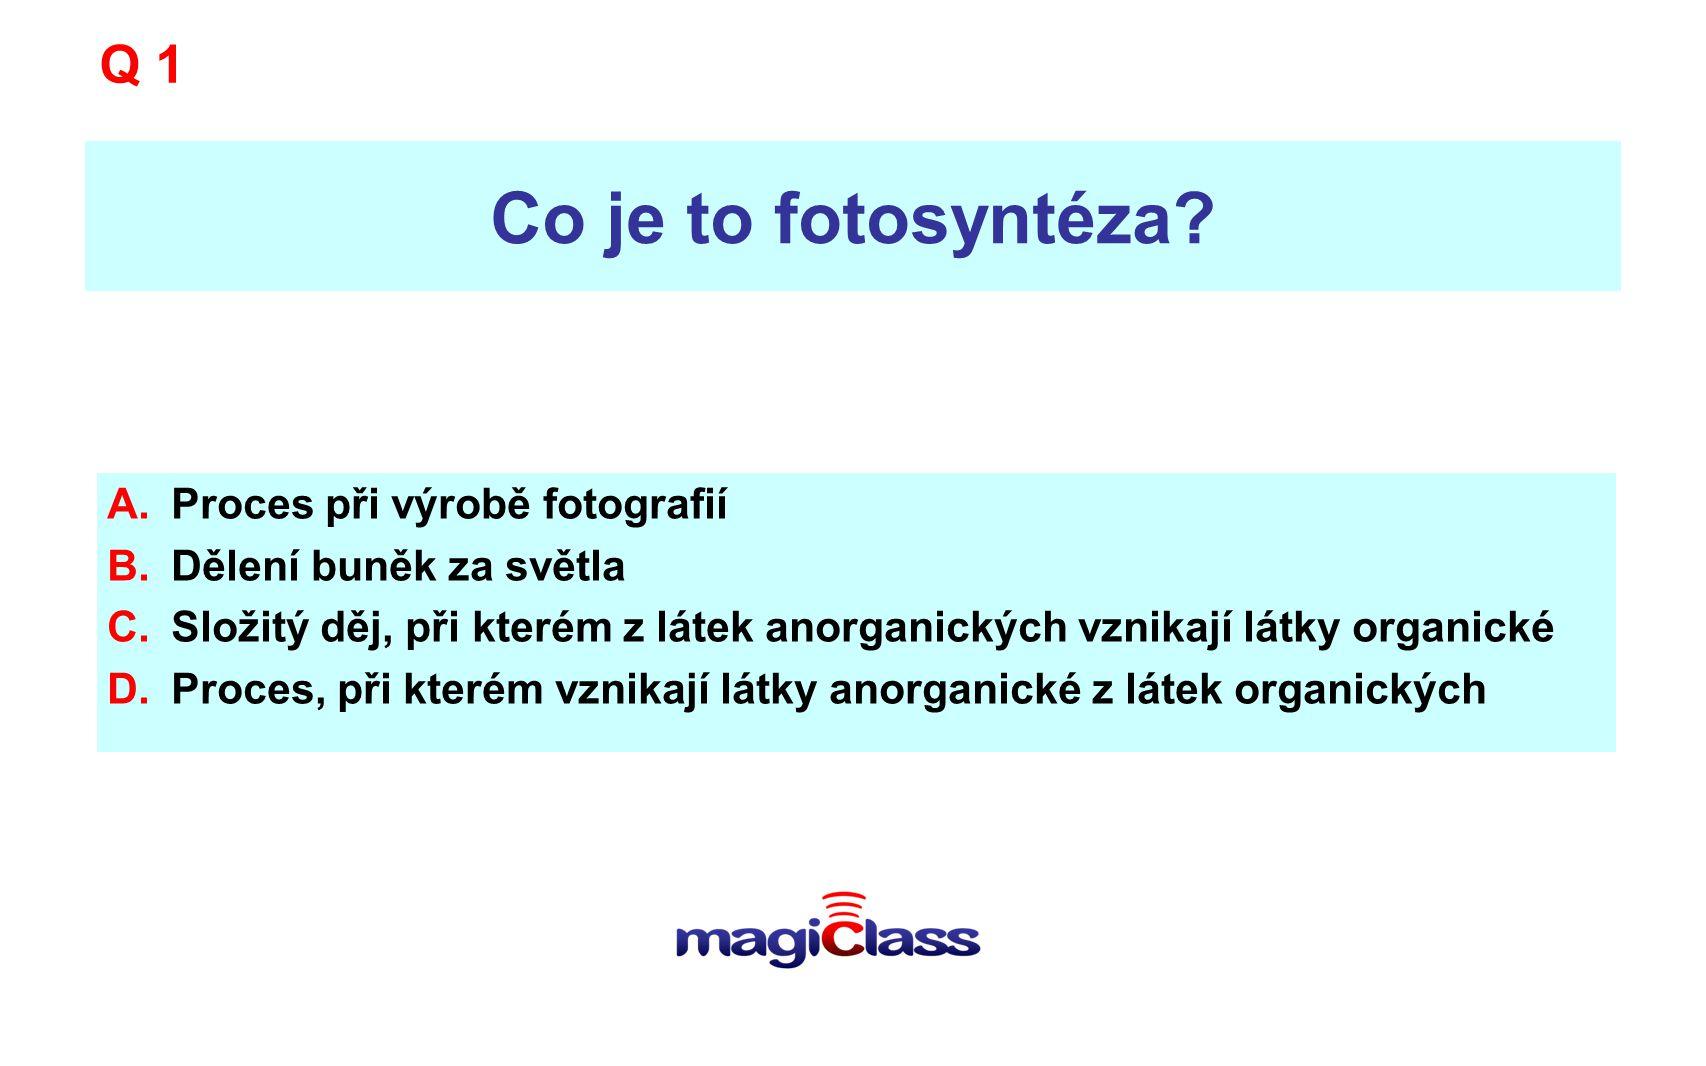 Co je to fotosyntéza? A.Proces při výrobě fotografií B.Dělení buněk za světla C.Složitý děj, při kterém z látek anorganických vznikají látky organické